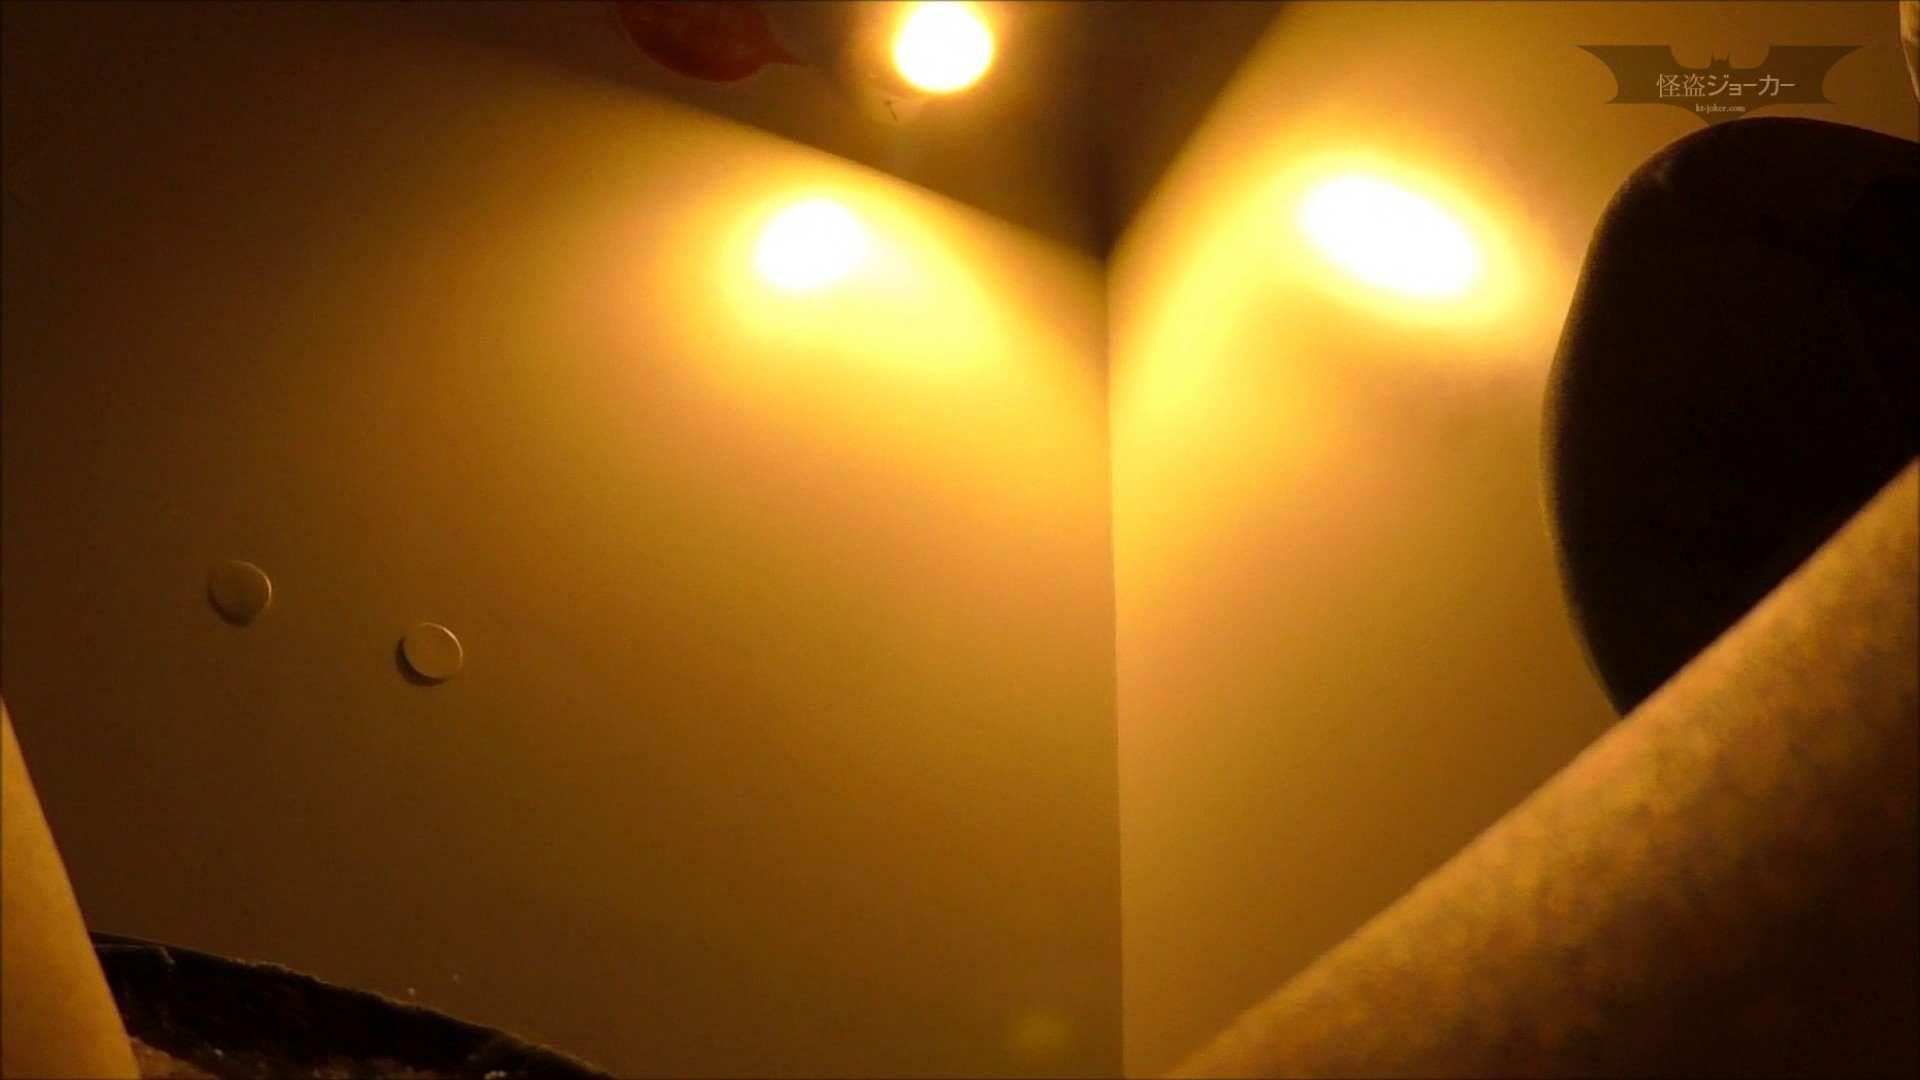 悪戯ネットカフェ Vol.06 若目狙って魔法でGO!! 桃色乳首 エロ画像 101画像 17